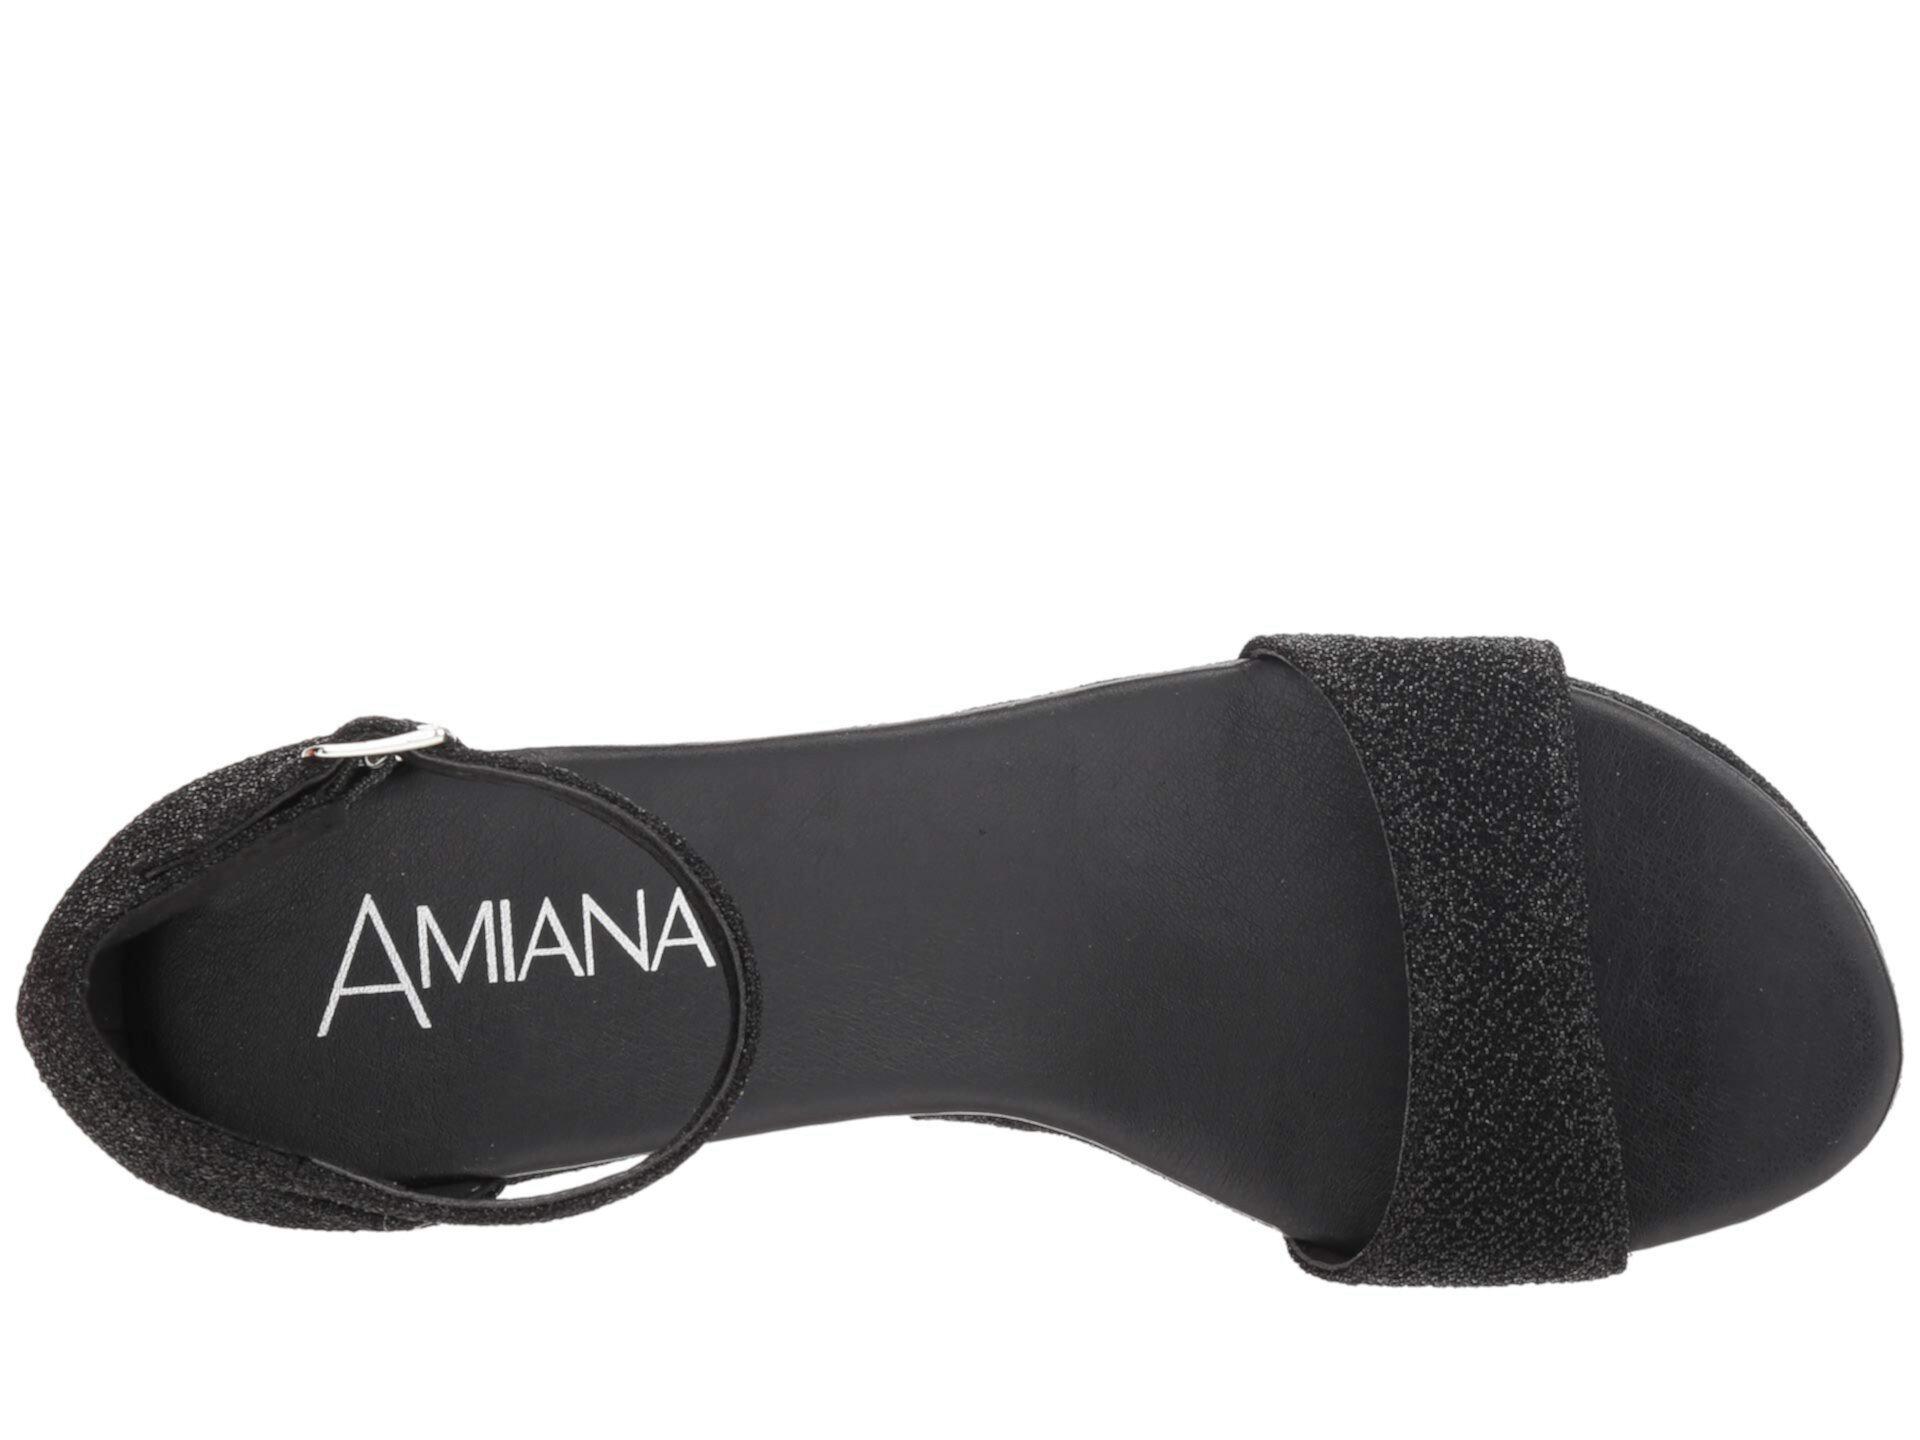 15-A5501 (маленький ребенок / большой ребенок / взрослый) Amiana